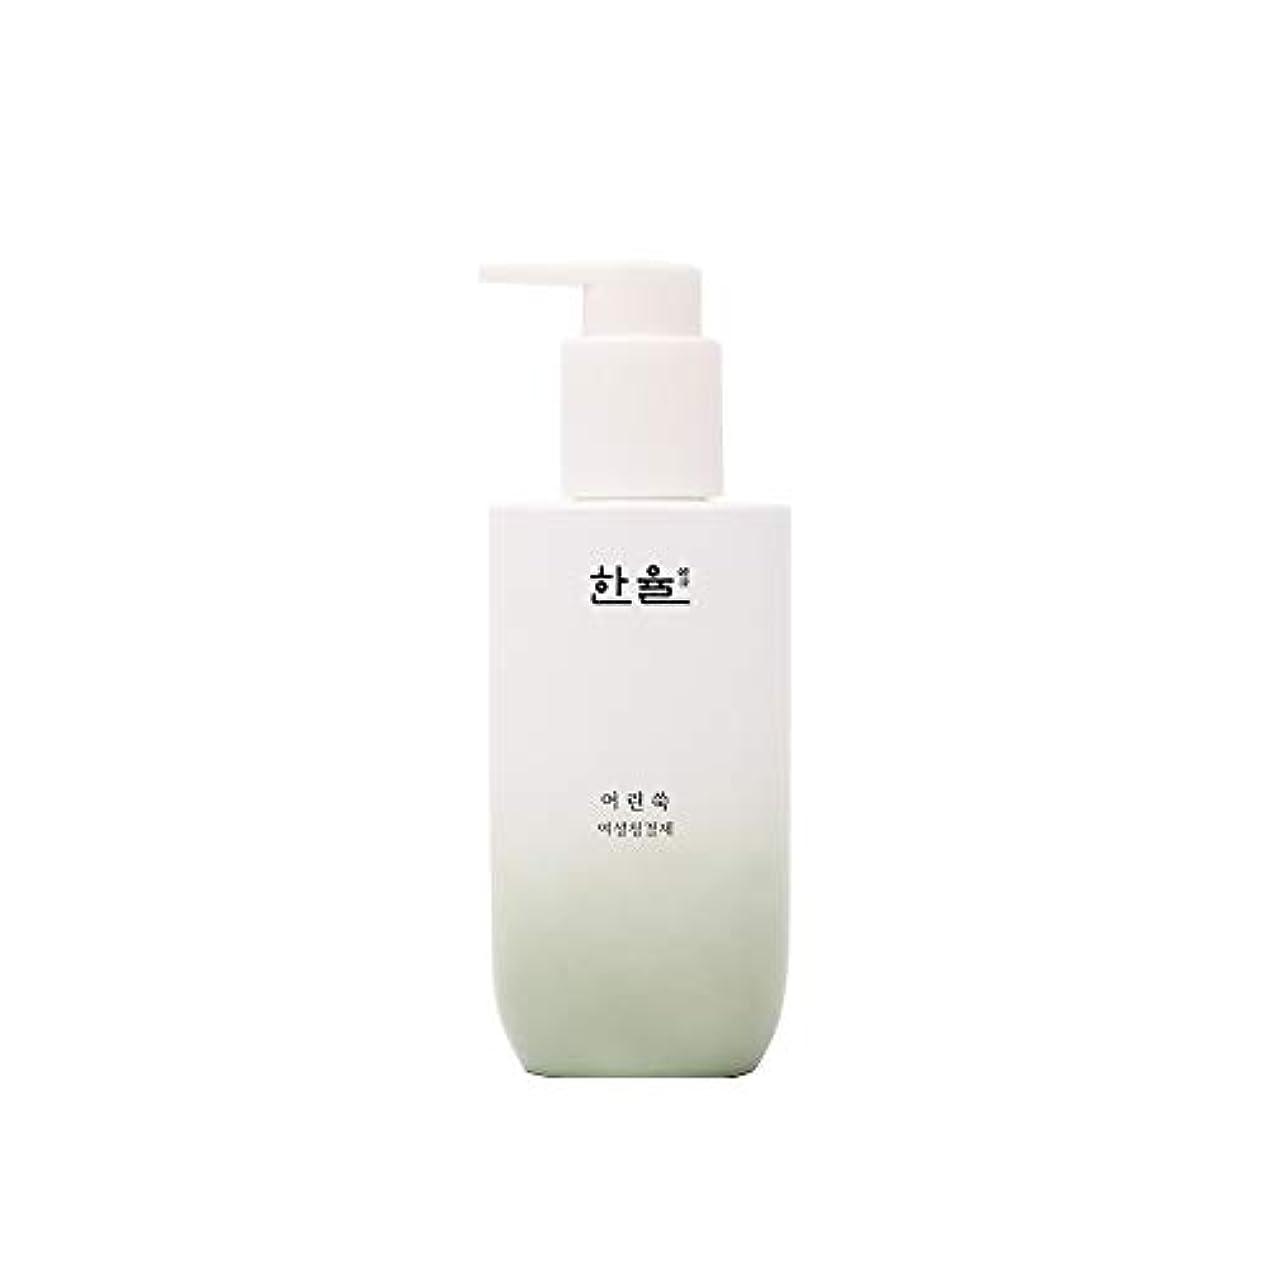 こどもの宮殿第二番目【HANYUL公式】 ハンユル フェミニンケアジェル 200ml / Hanyul Pure Artemisia Feminine care gel 200ml